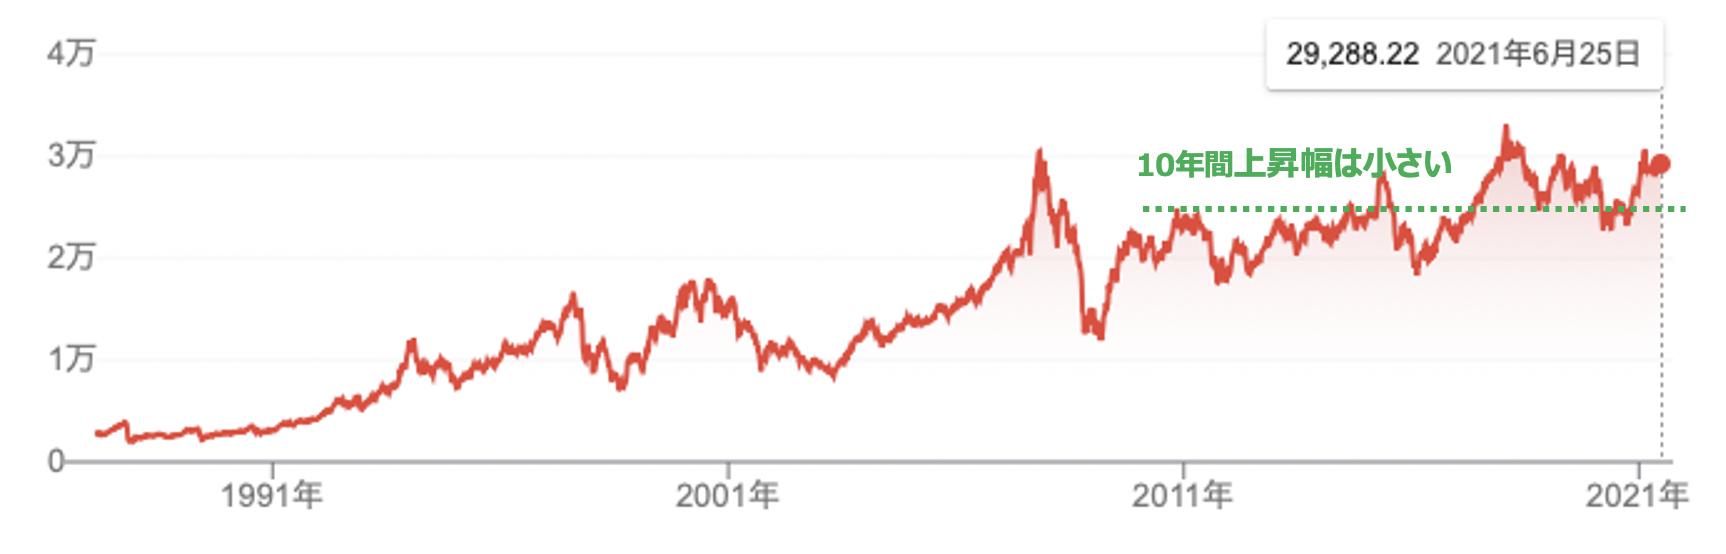 香港ハンセン指数の株価推移